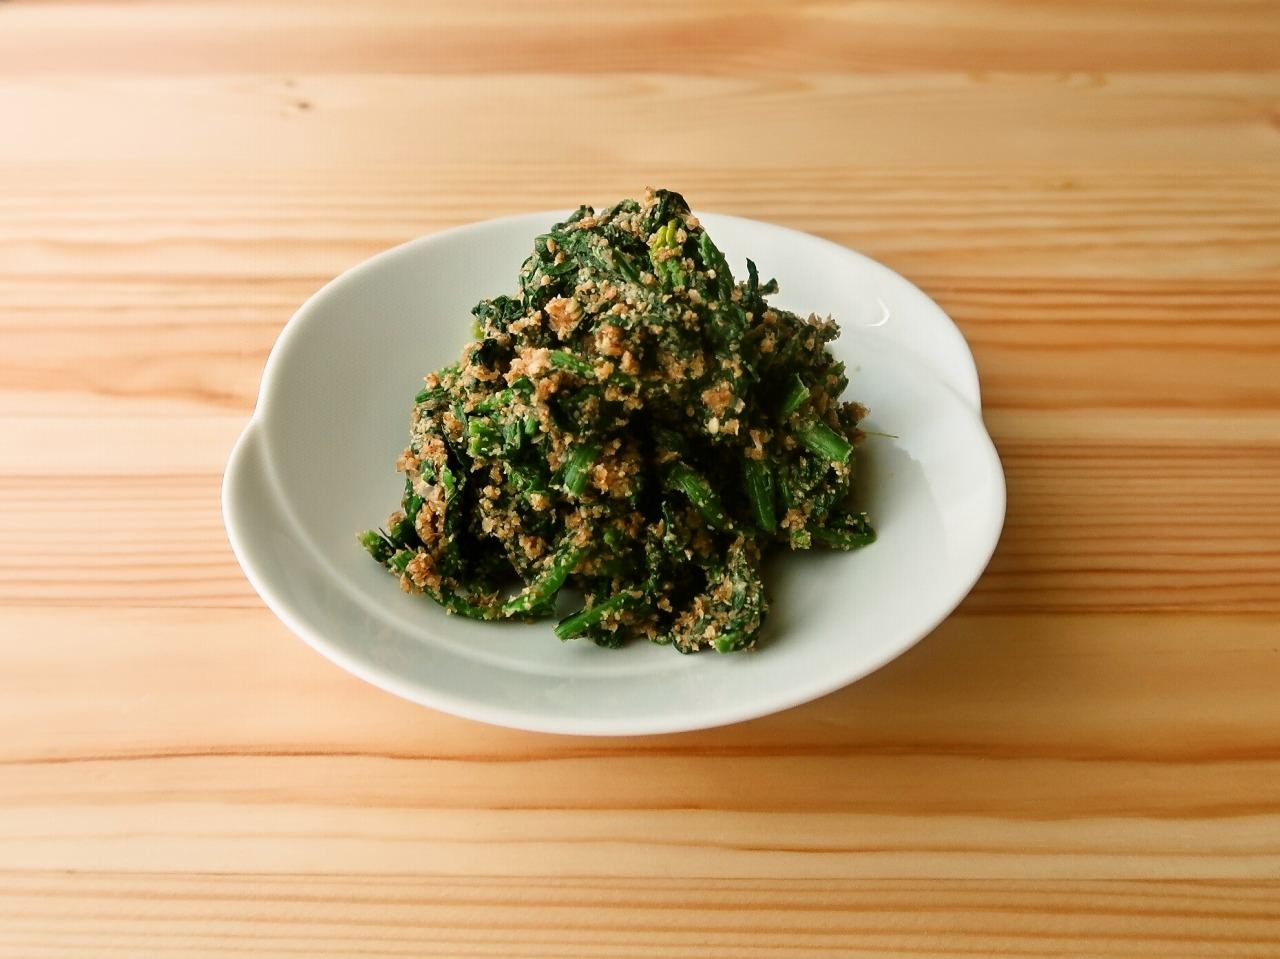 【野菜ひとつ】ごまたっぷり ほうれん草のごま和え